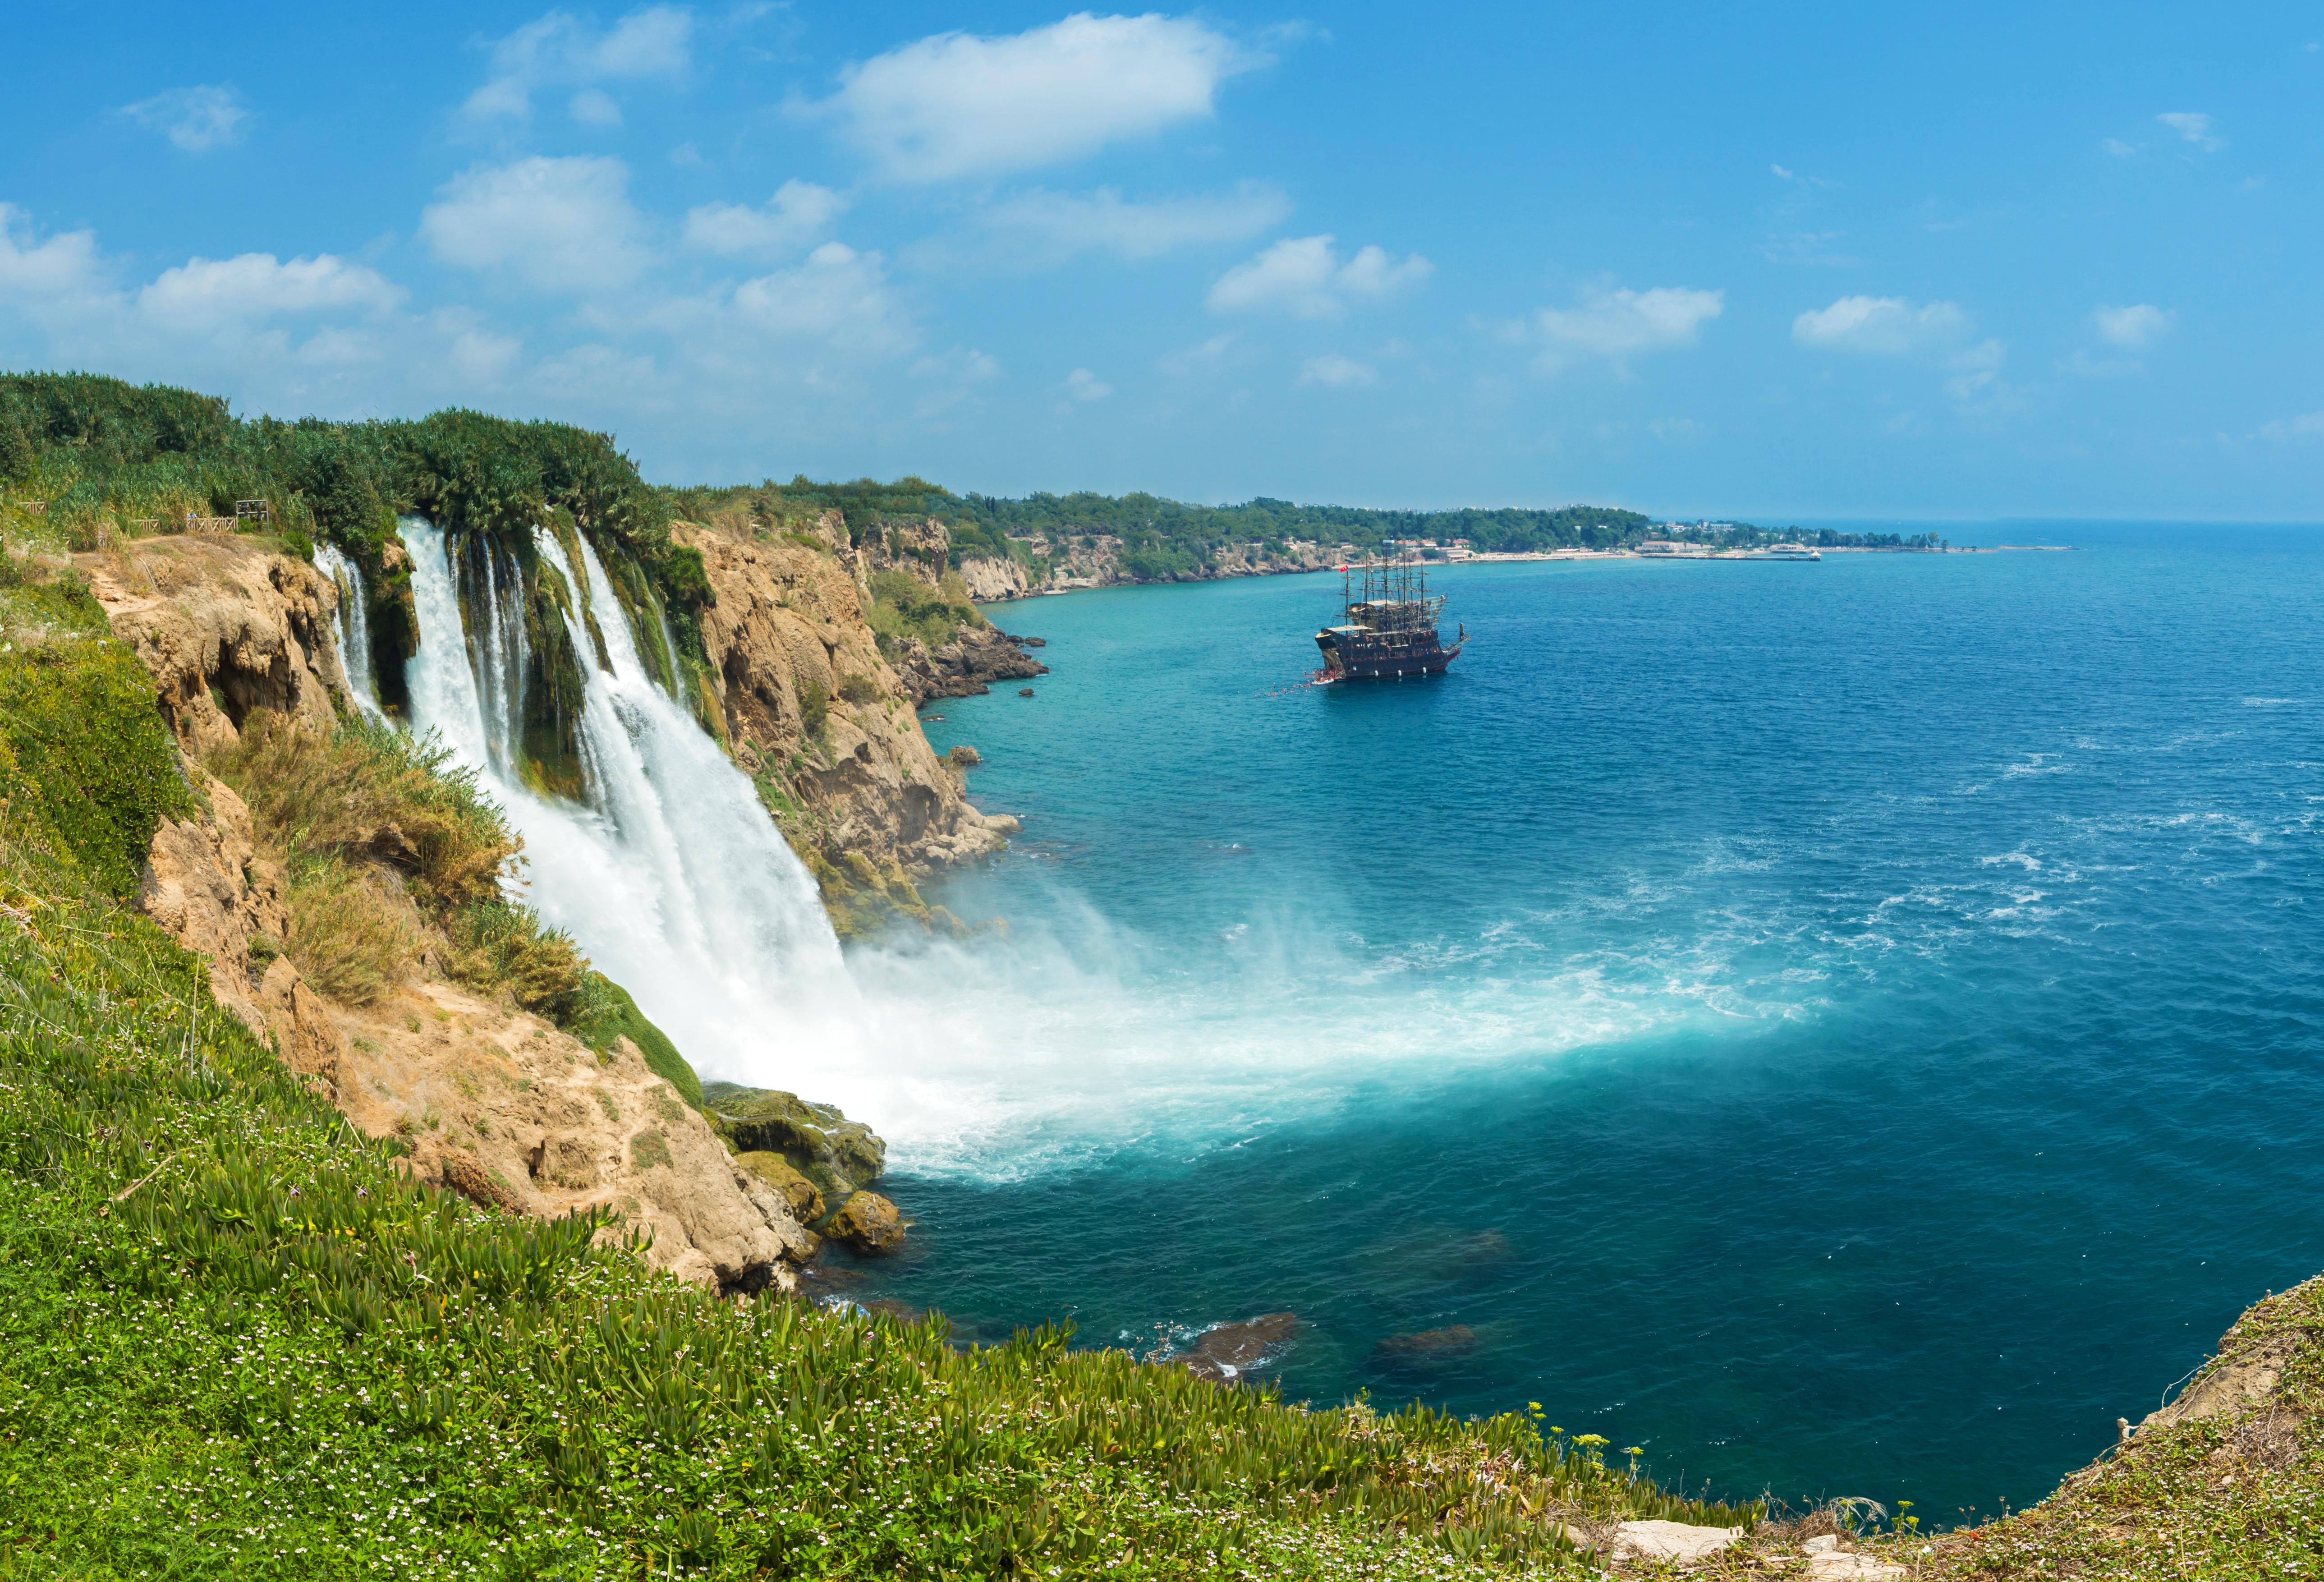 Нижний Дюденский водопад. Анталия, Турция.